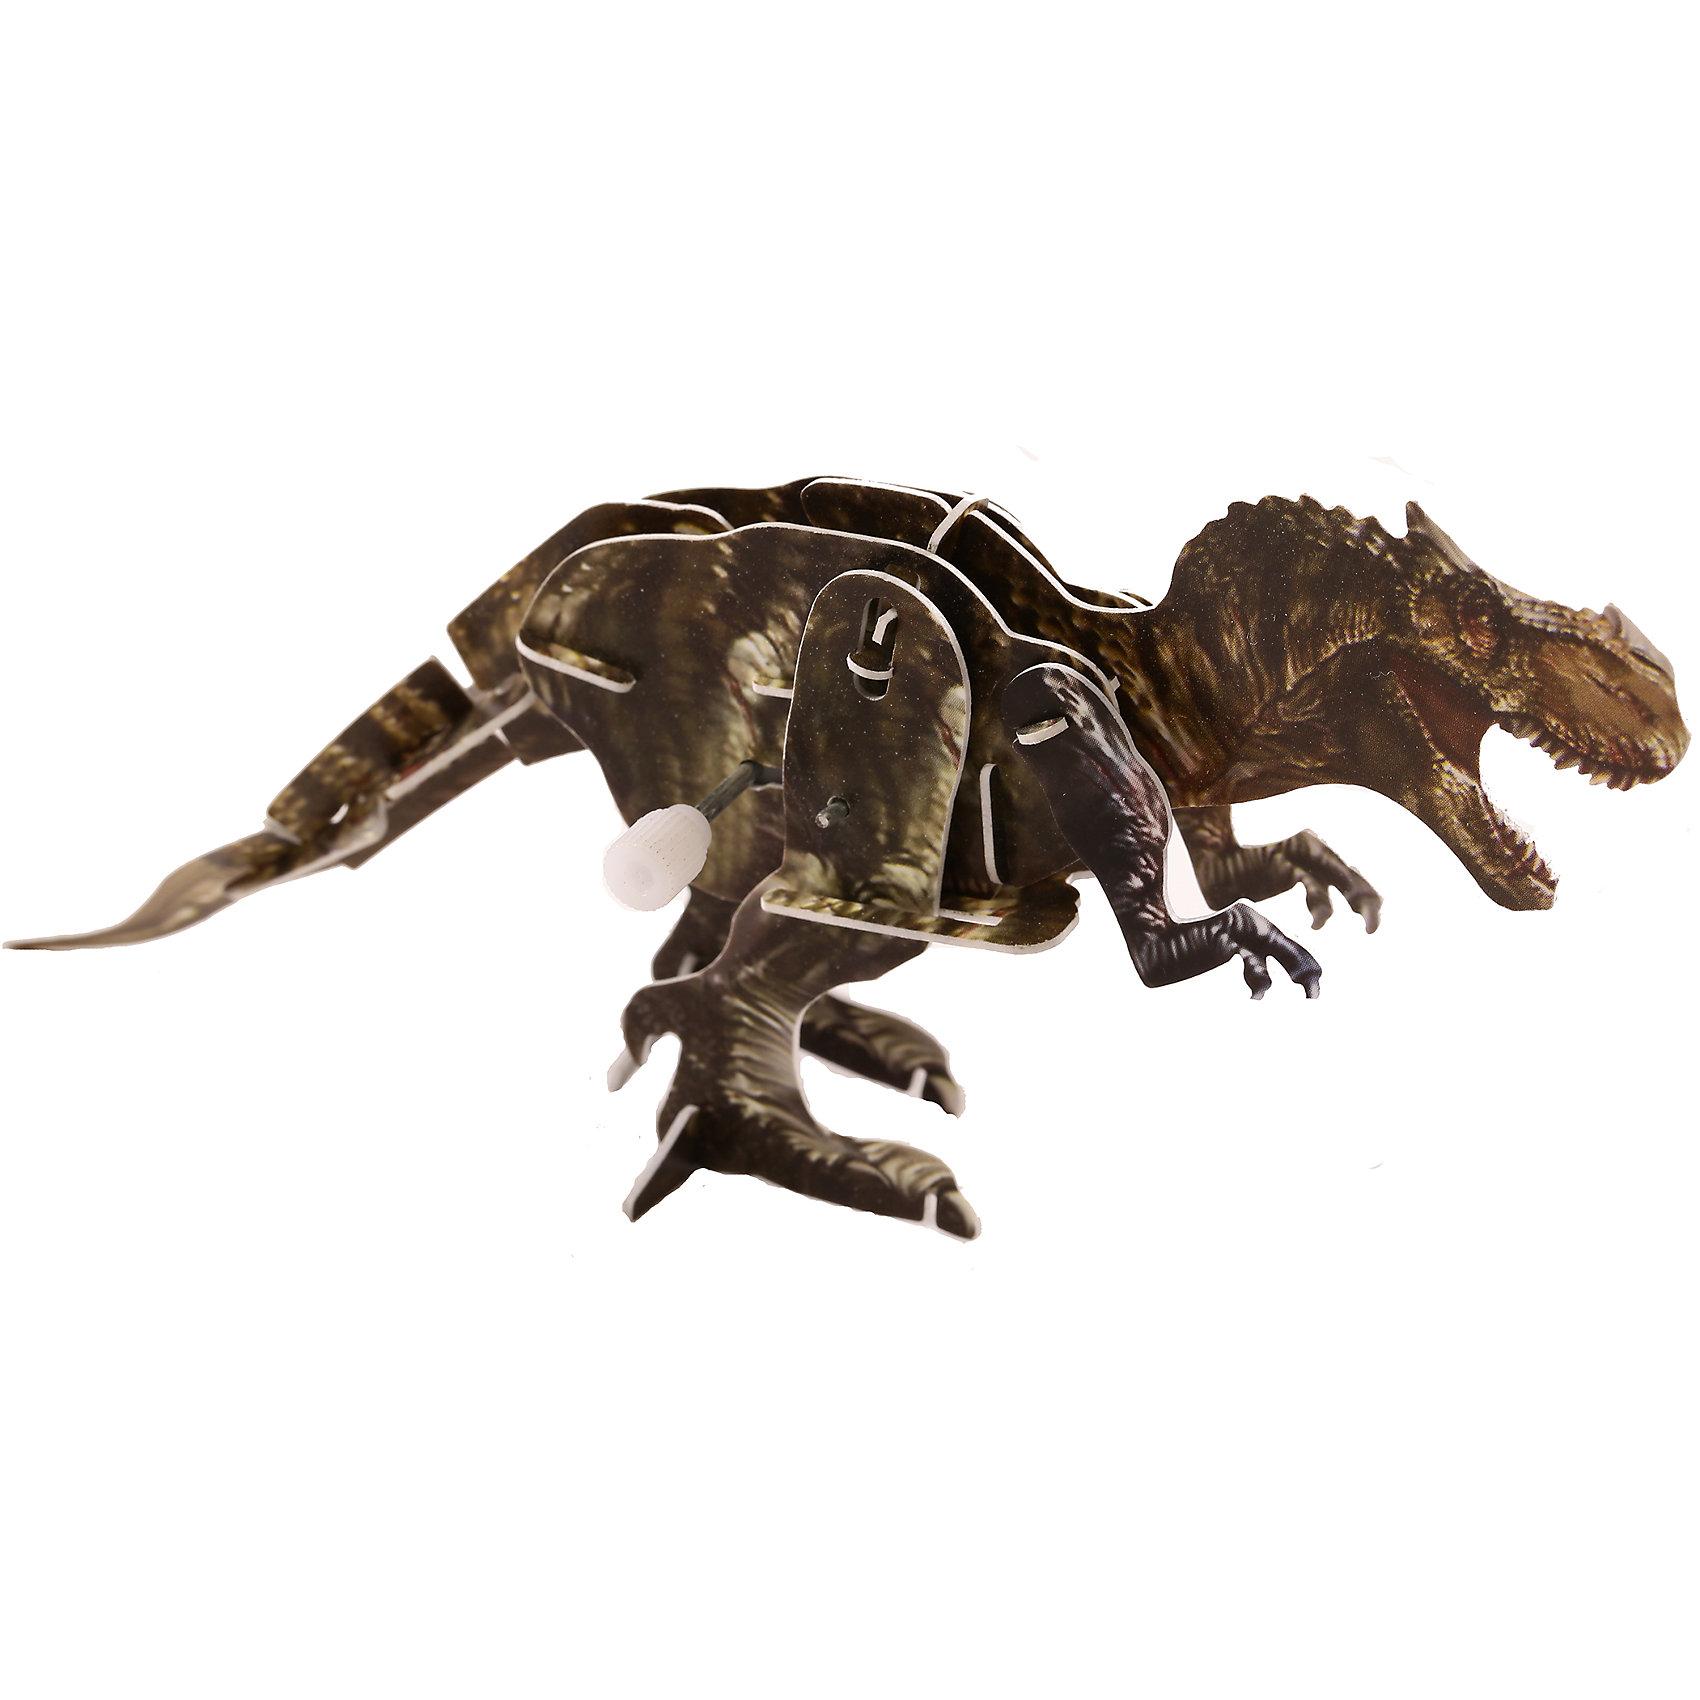 Конструктор – 3D пазл заводной: Тирекс, UFПластмассовые конструкторы<br>Из этого набора ребенок сможет своими руками собрать объемную фигурку тираннозавра, причем сборка производится без клея. Детали из плотного пластика нужно вставить в специальные пазы. Самое интересное в этом пазле, что среди деталей имеется пластиковая коробочка с заводным механизмом внутри. Она и станет центральной частью пазла. Получившаяся фигурка динозавра сможет «ходить», передвигая лапами, пока не кончится заряд.<br><br>Ширина мм: 135<br>Глубина мм: 100<br>Высота мм: 25<br>Вес г: 47<br>Возраст от месяцев: 72<br>Возраст до месяцев: 1188<br>Пол: Унисекс<br>Возраст: Детский<br>SKU: 5516768